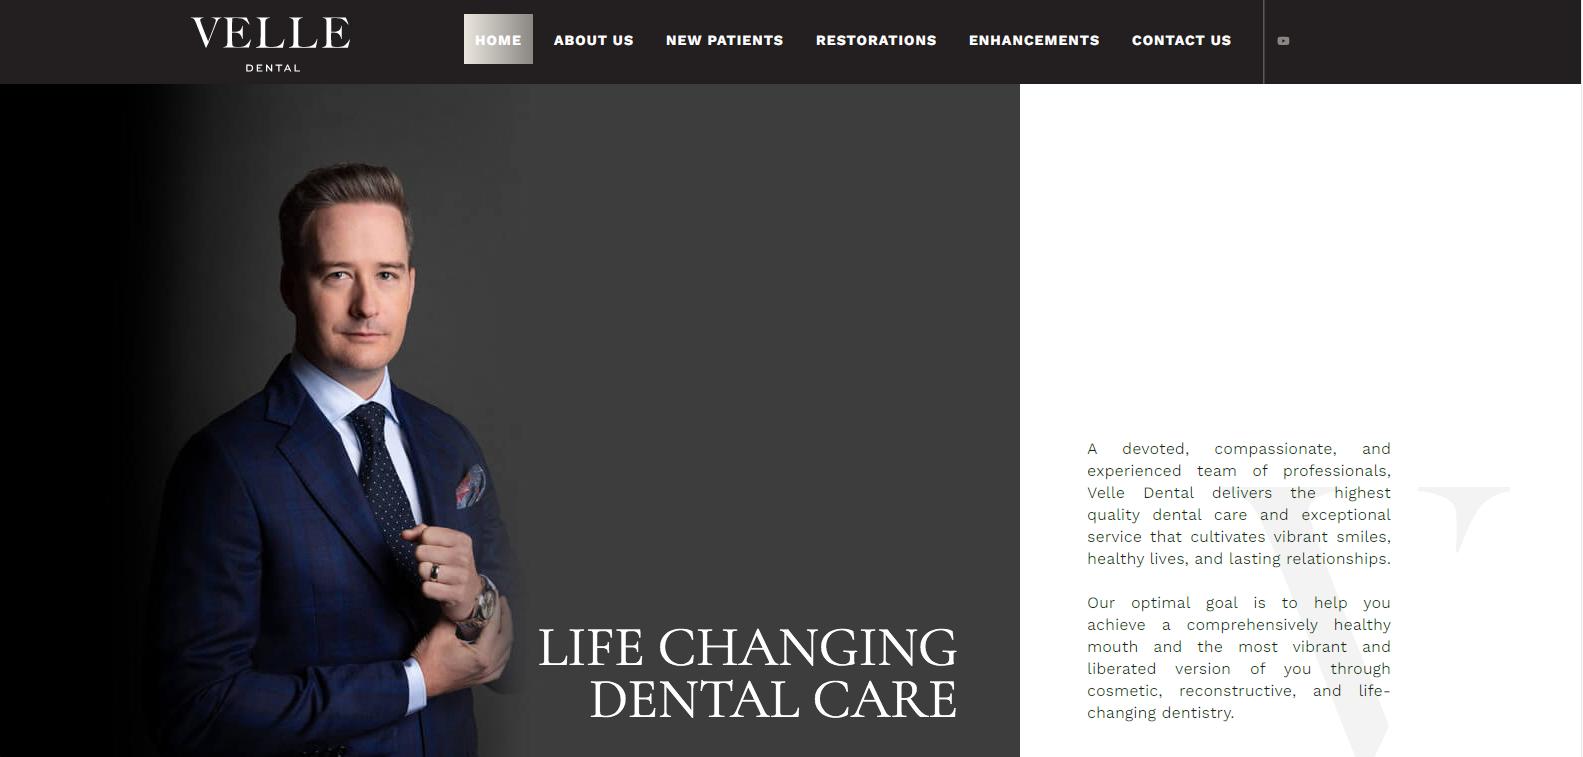 Velle Dental in 2020 Dental, Life changes, Relationship